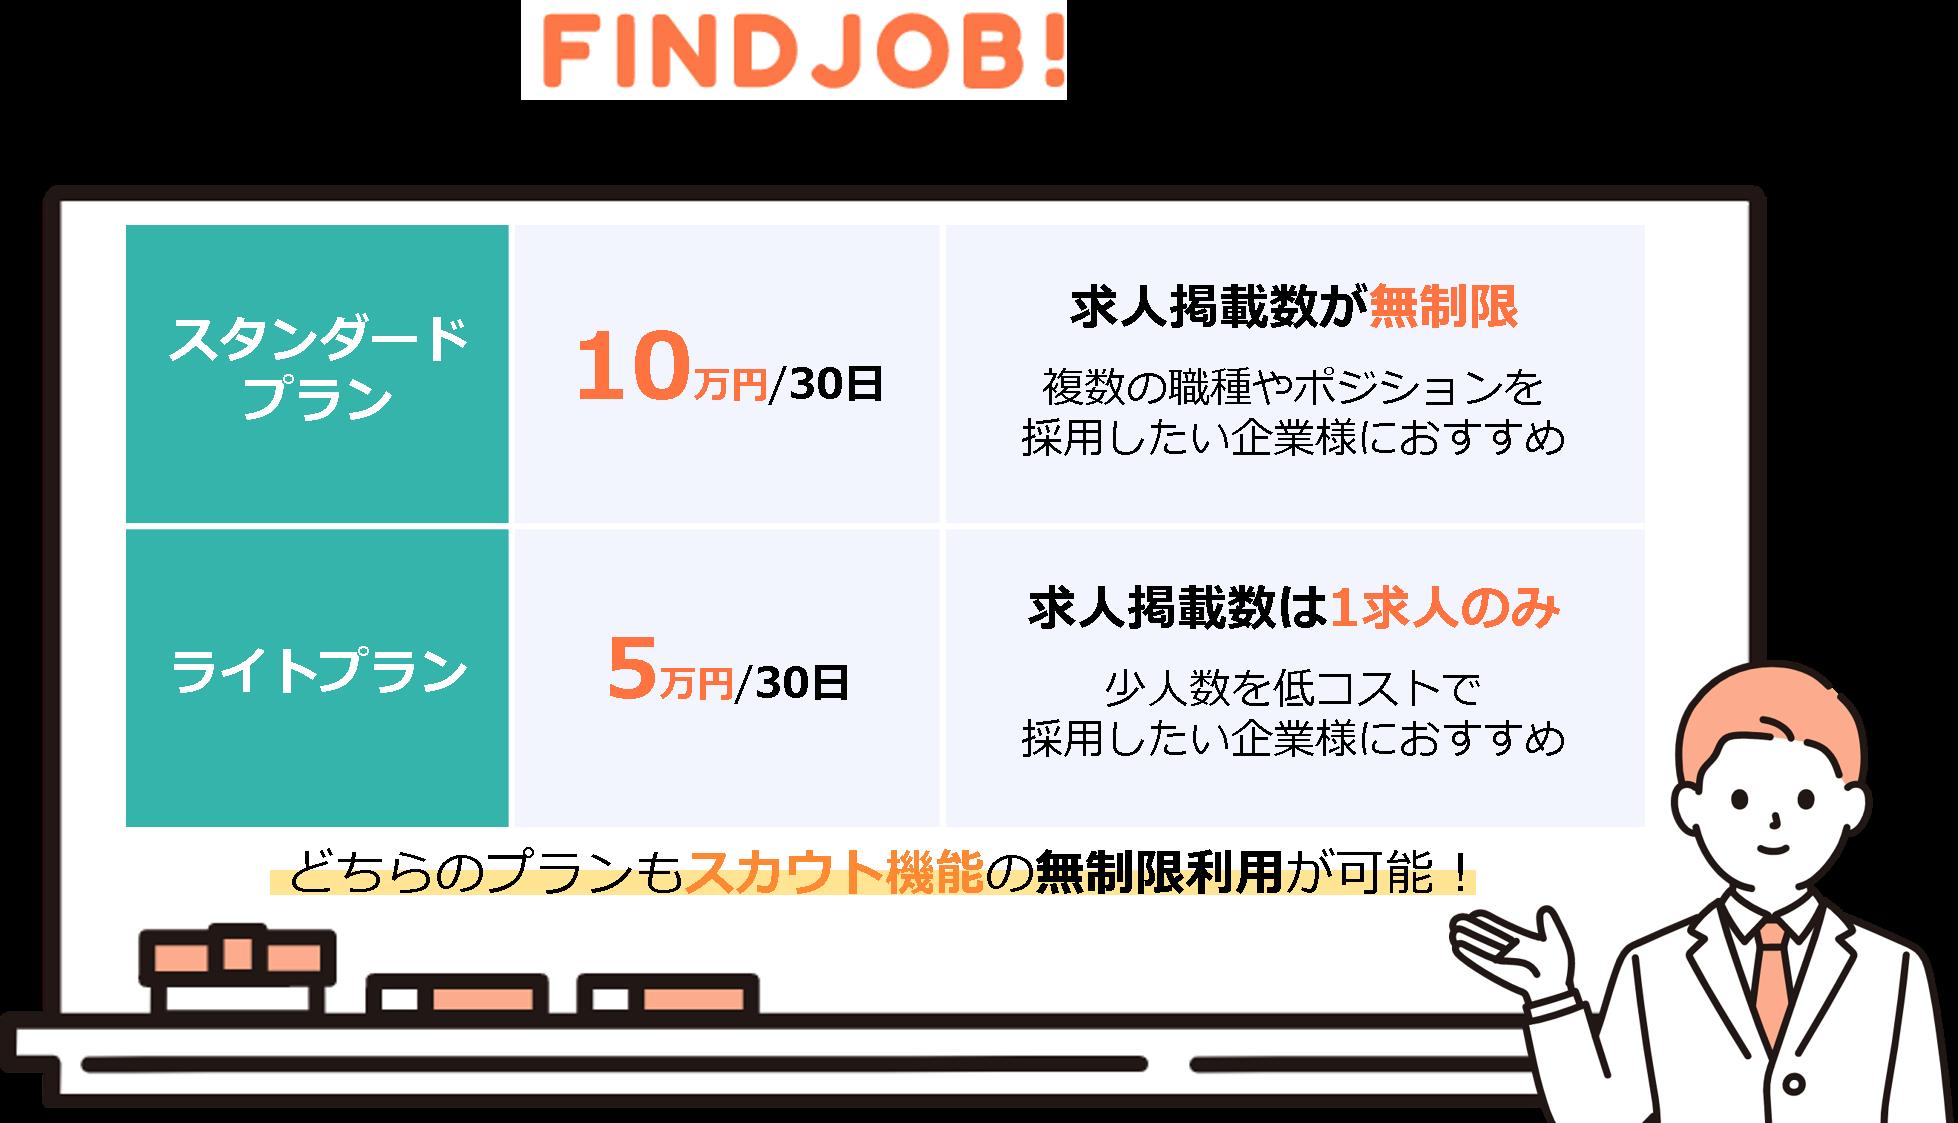 FIND JOB! の掲載料金